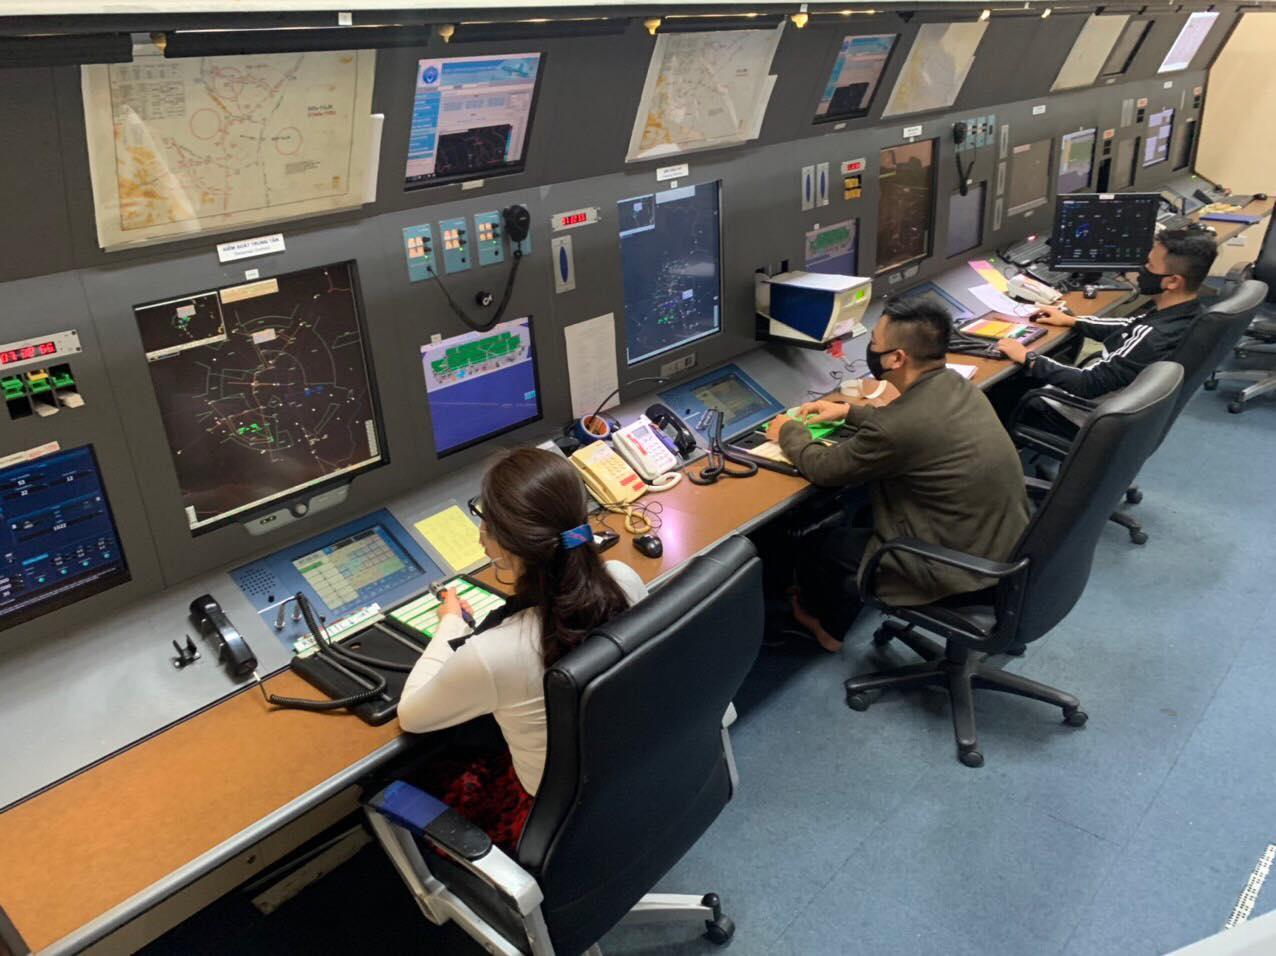 Đài Kiểm soát không lưu Nội Bài: Cán bộ, nhân viên trực chốt tham gia công tác phòng chống dịch Covid-19